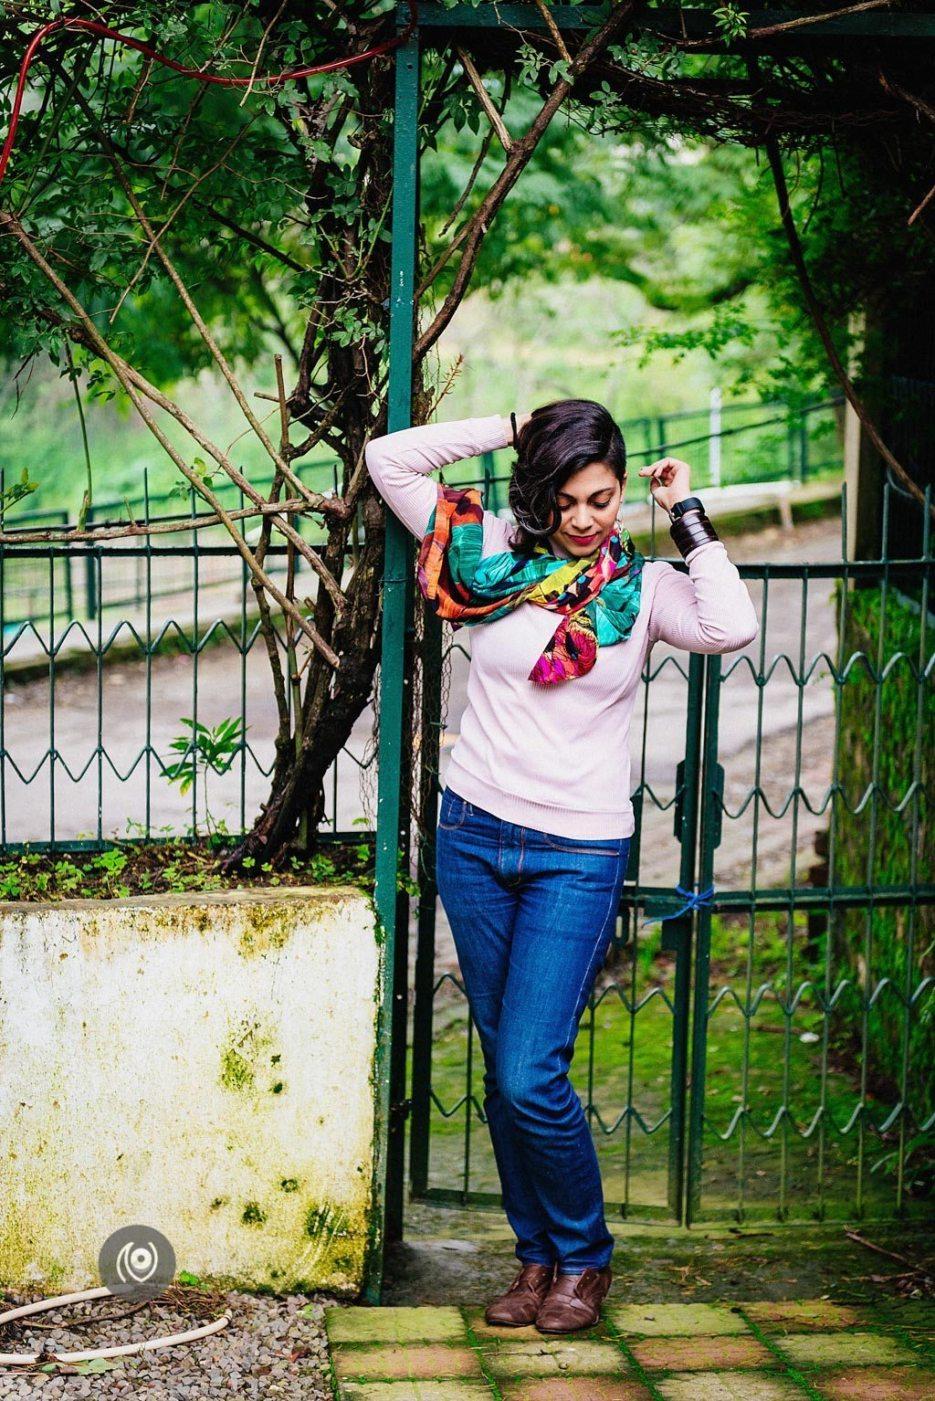 #CoverUp 49 Kasauli Club, Back to the Sixties, #REDHUxKASAULI #EyesForDestinations, Naina.co Luxury & Lifestyle Photographer, Blogger Storyteller